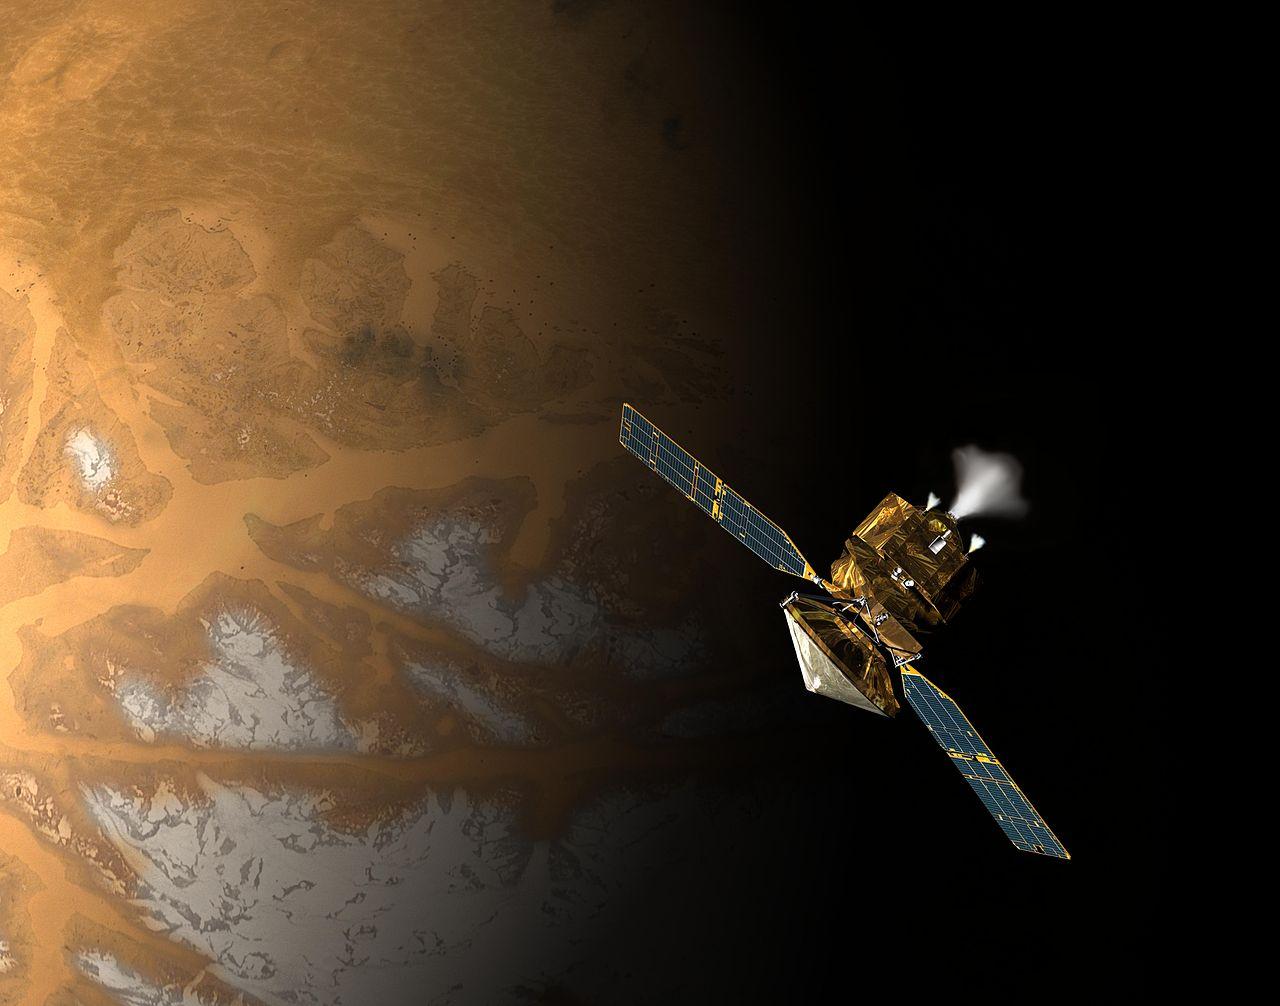 У станции MRO возникла проблема с аккумуляторами аппарата, ожидания, аккумуляторов, станция, гироскопов, марсоходов, данных, специалисты, будет, Кроме, время, режим, аппарат, орбите, марсианской, режиме, чтобы, инструментов, принимают, состояние